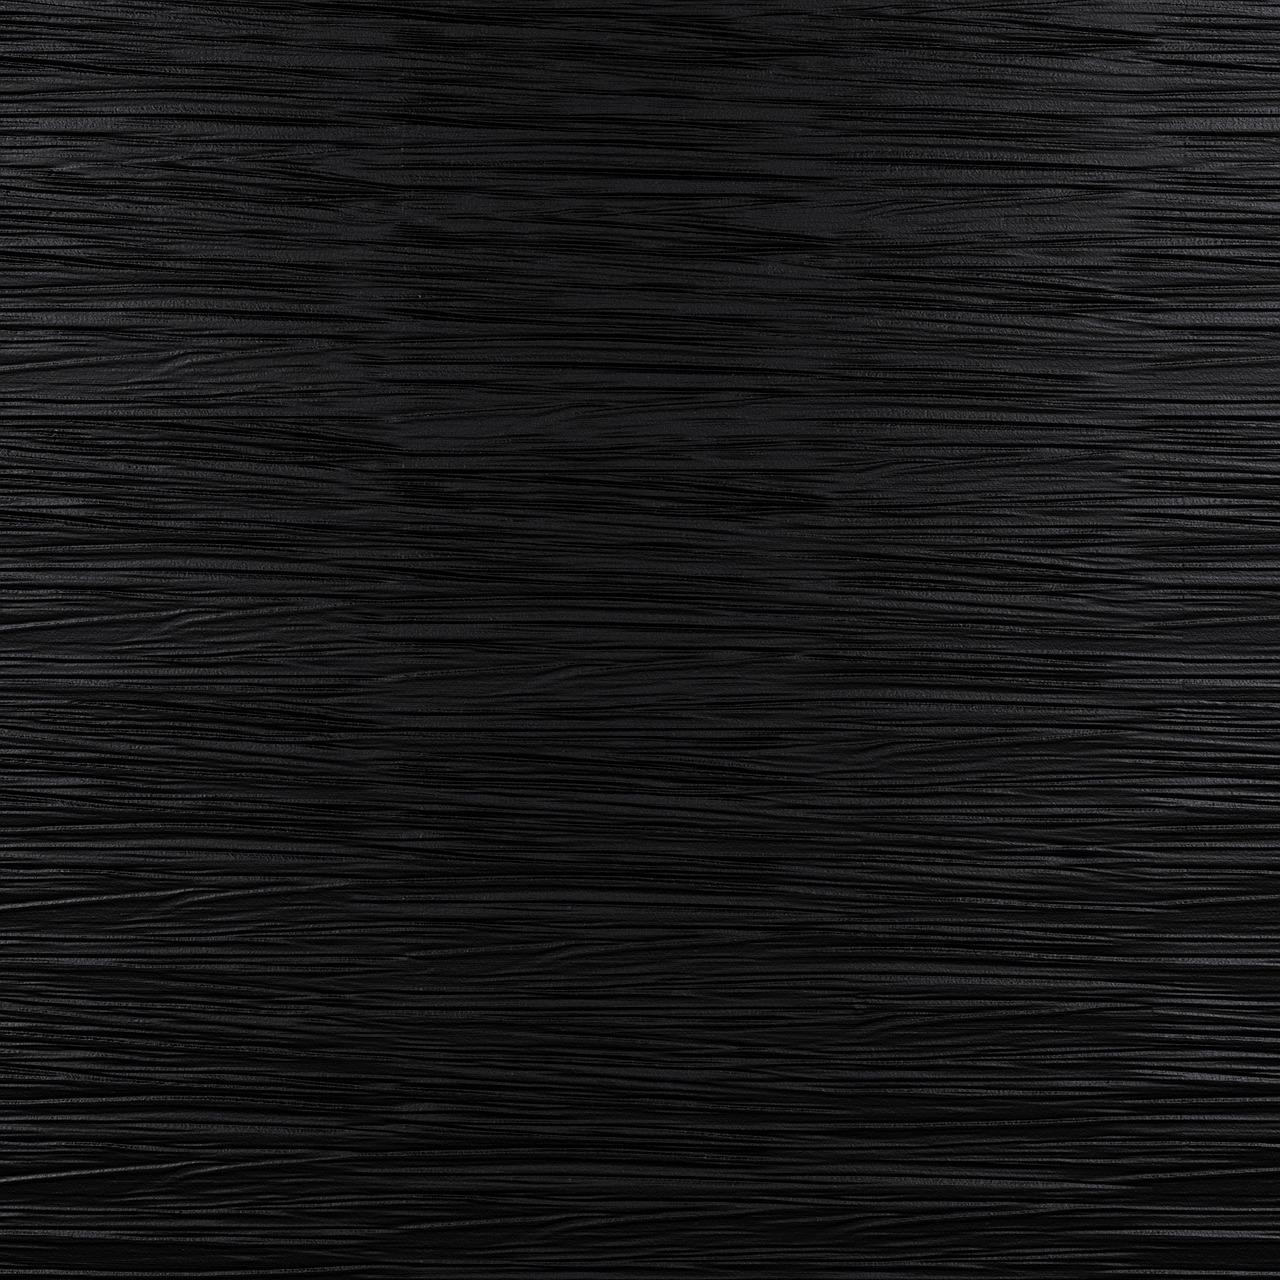 texture-1027734_1280